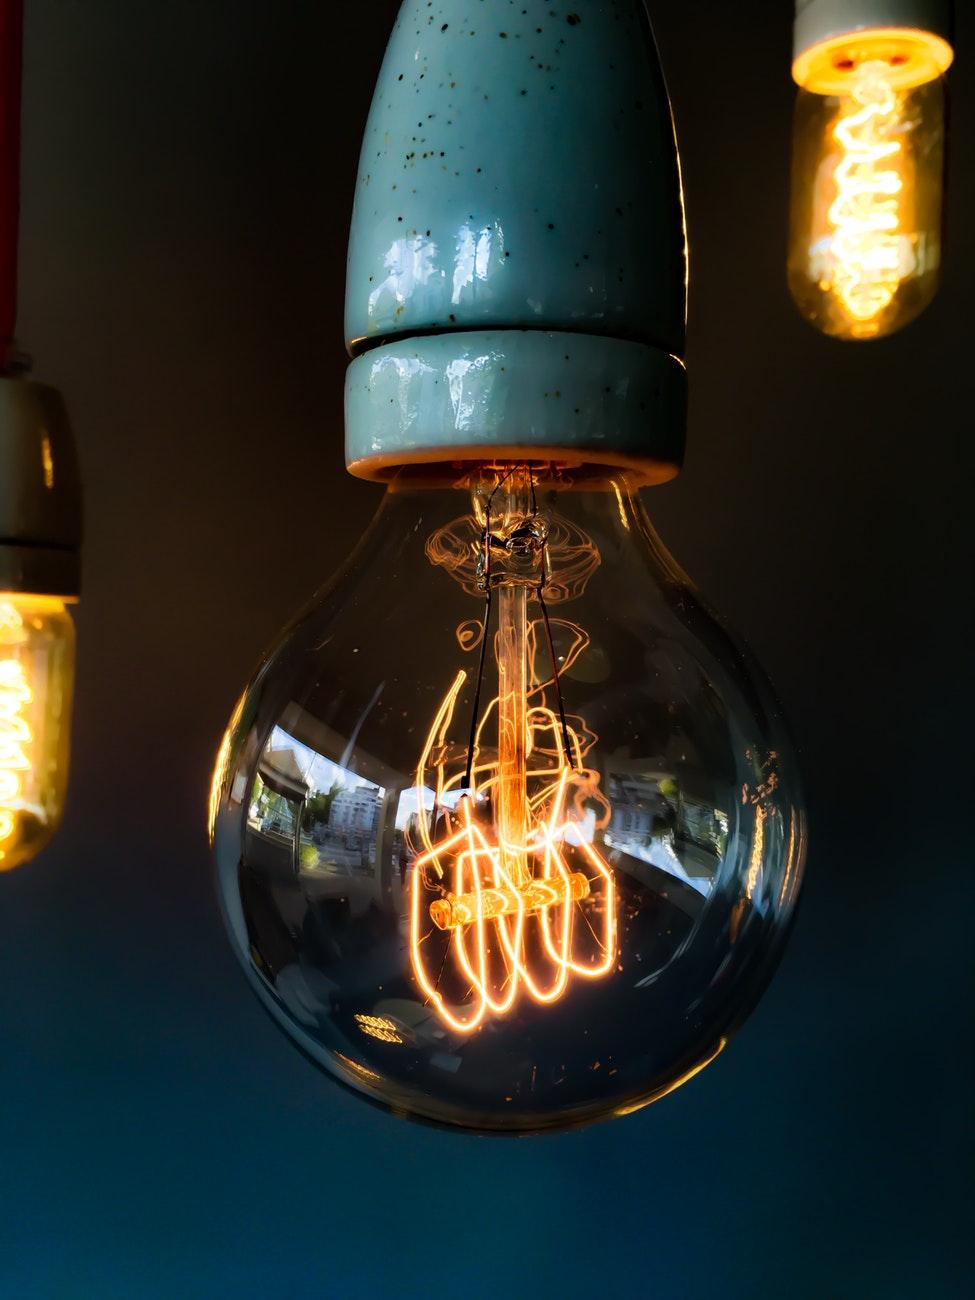 Solicitar el bono social eléctrico – España 2018